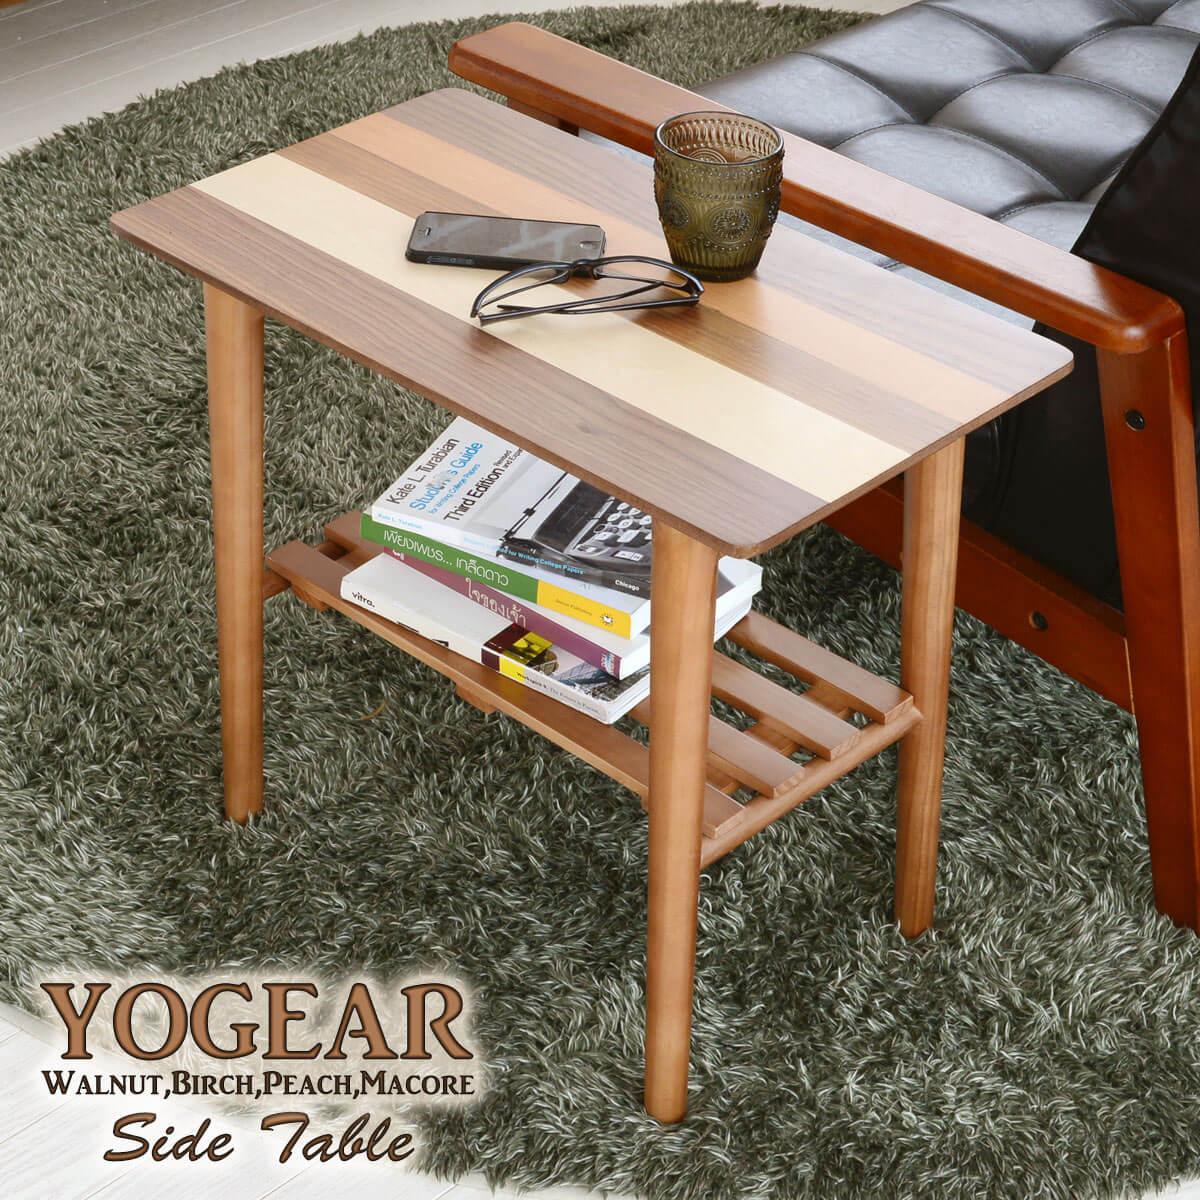 【送料無料】天然木 サイドテーブル 木製サイドテーブル 木製 テーブル リビングテーブル センターテーブル ローテーブル ナイトテーブル おしゃれ 可愛い 北欧 カフェ ナチュラル 新生活 一人暮らし 完成品 YOGEARシリーズ YOST-550